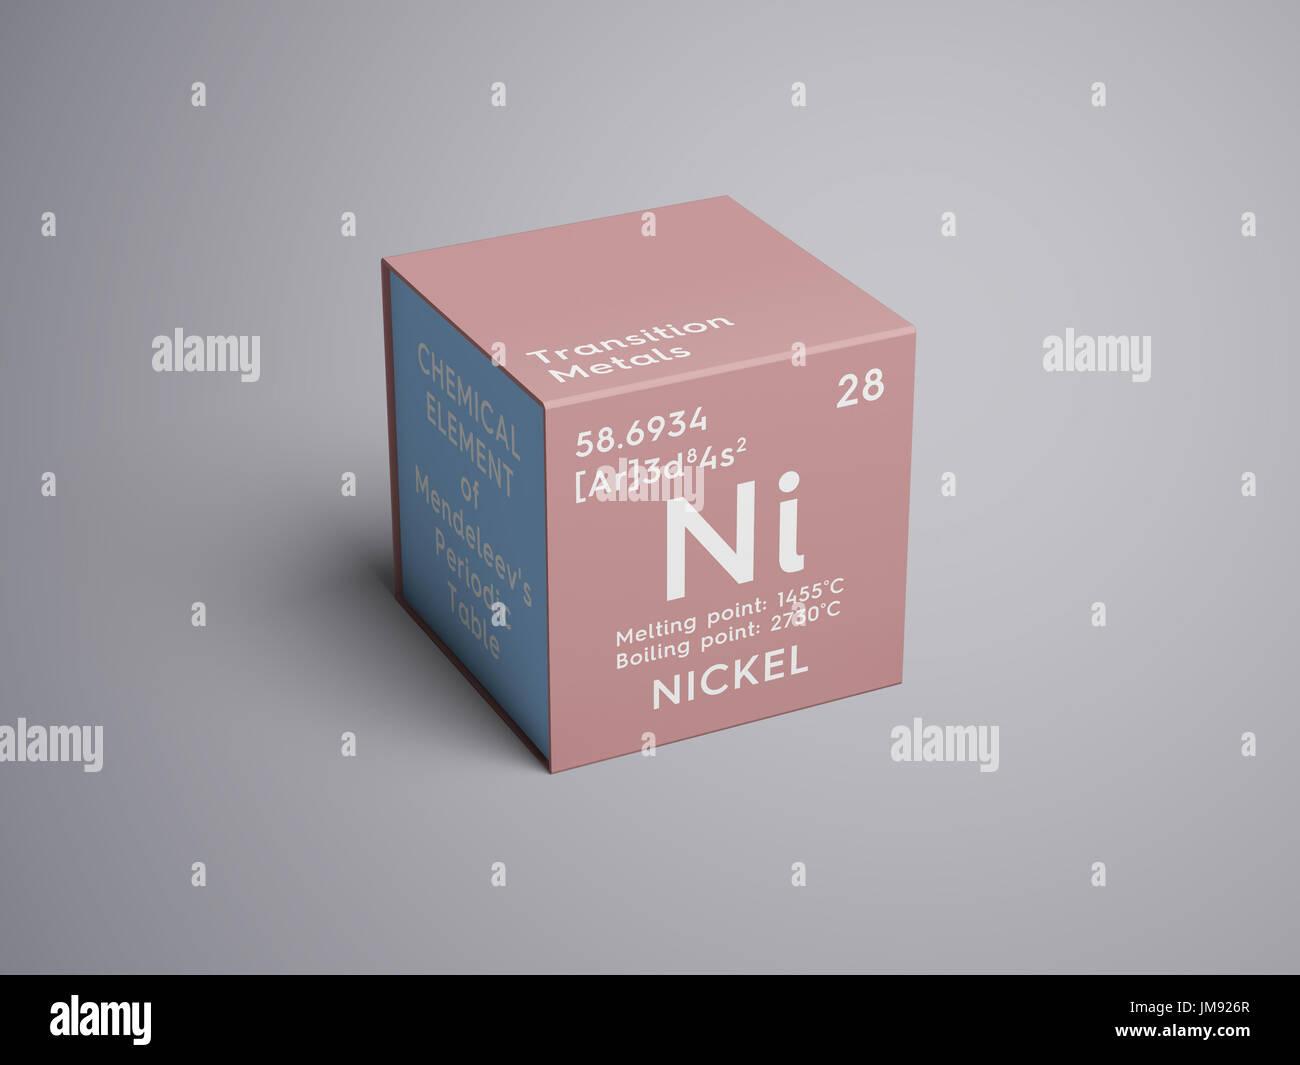 El nquel los metales de transicin elemento qumico de la tabla el nquel los metales de transicin elemento qumico de la tabla peridica de mendeleyev nquel en square cube concepto creativo urtaz Choice Image